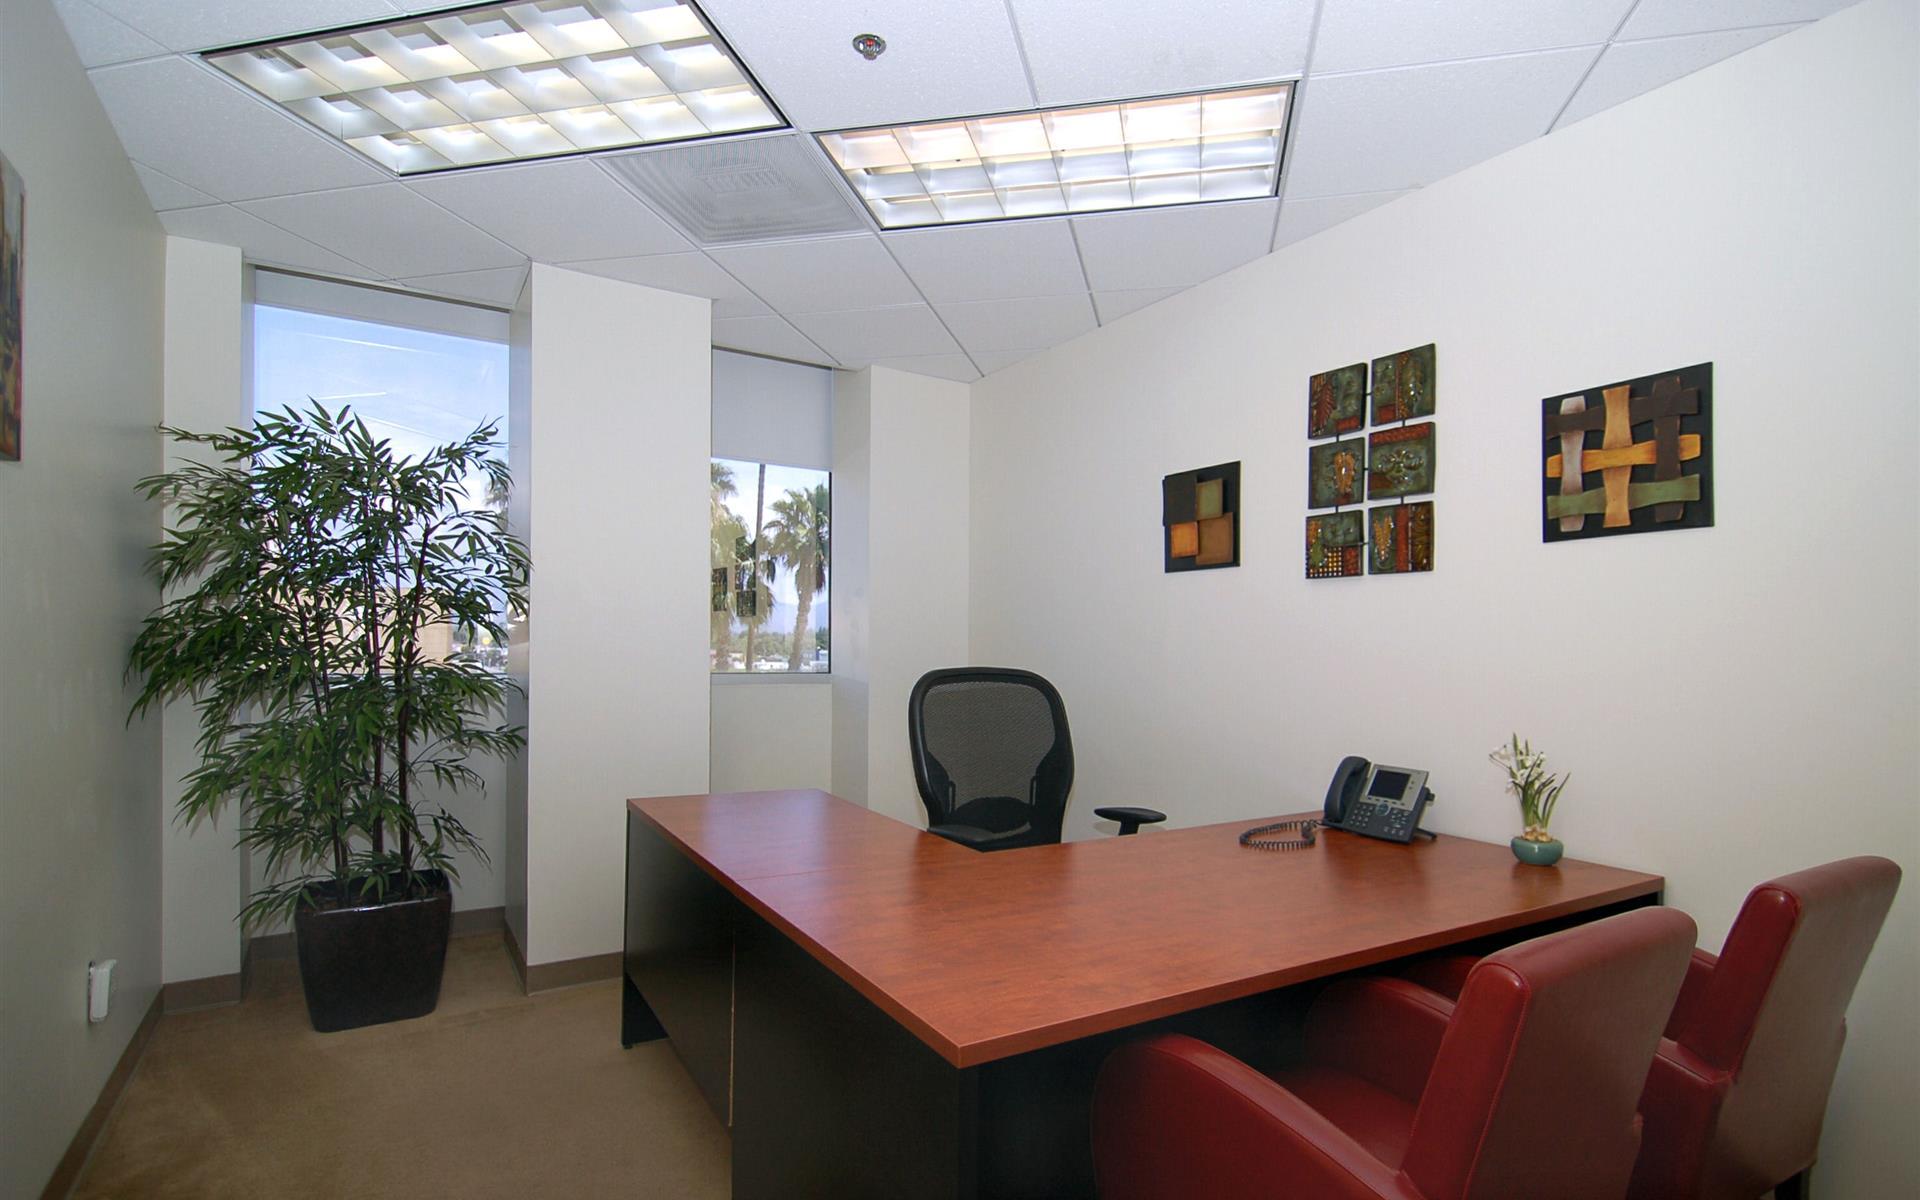 (PAN) Panorama City - Exterior Office